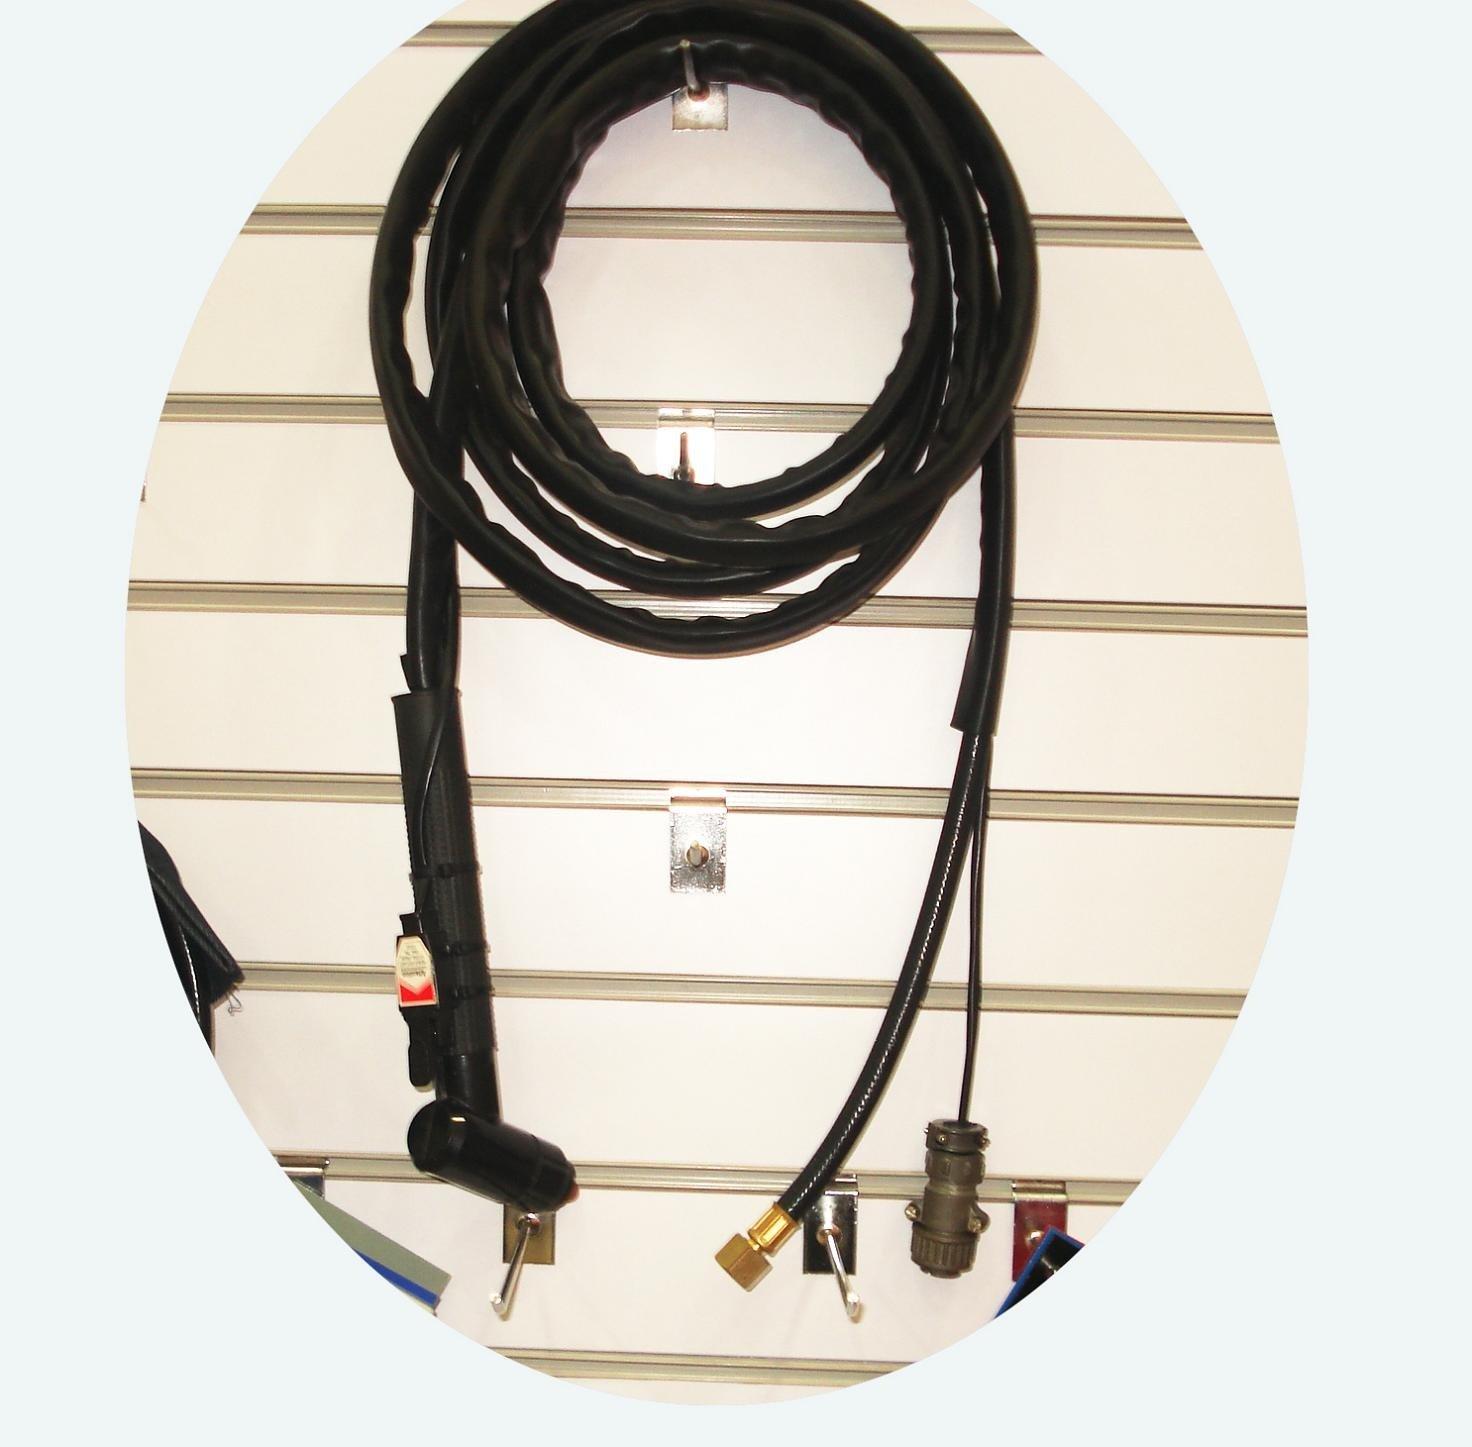 Accesorios de soldadura 10-1008 argón TIG antorcha de soldadura